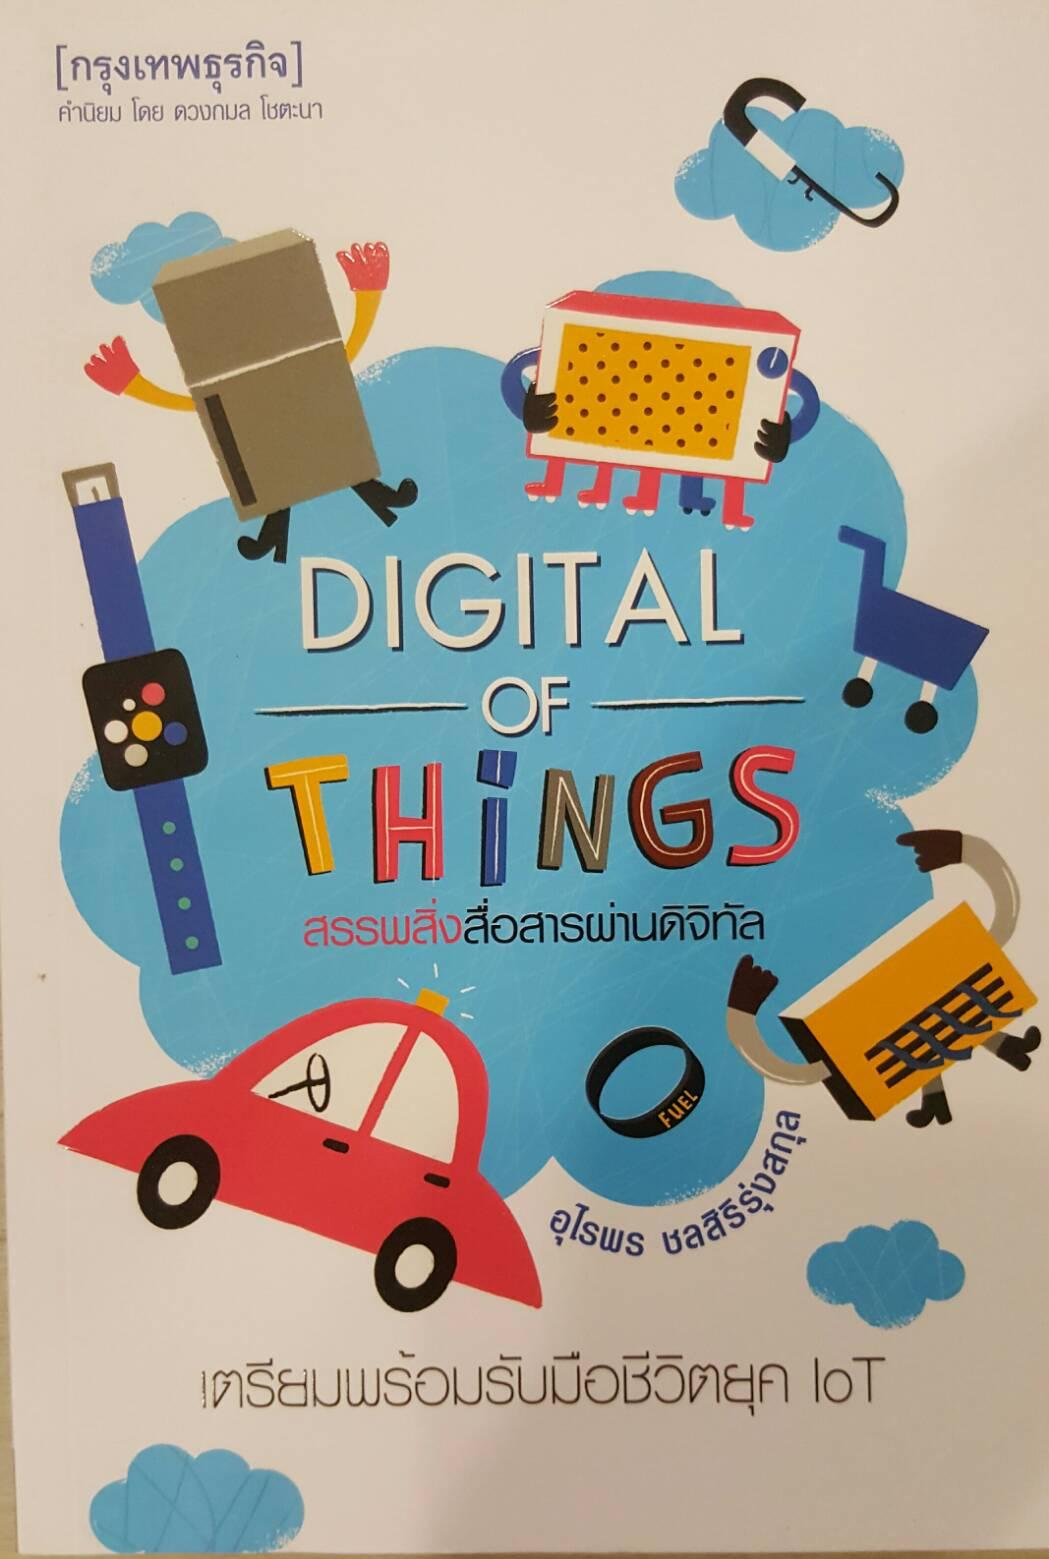 DIGITAL OF THINGS สรรพสิ่งสื่อสารผ่านดิจิทัล